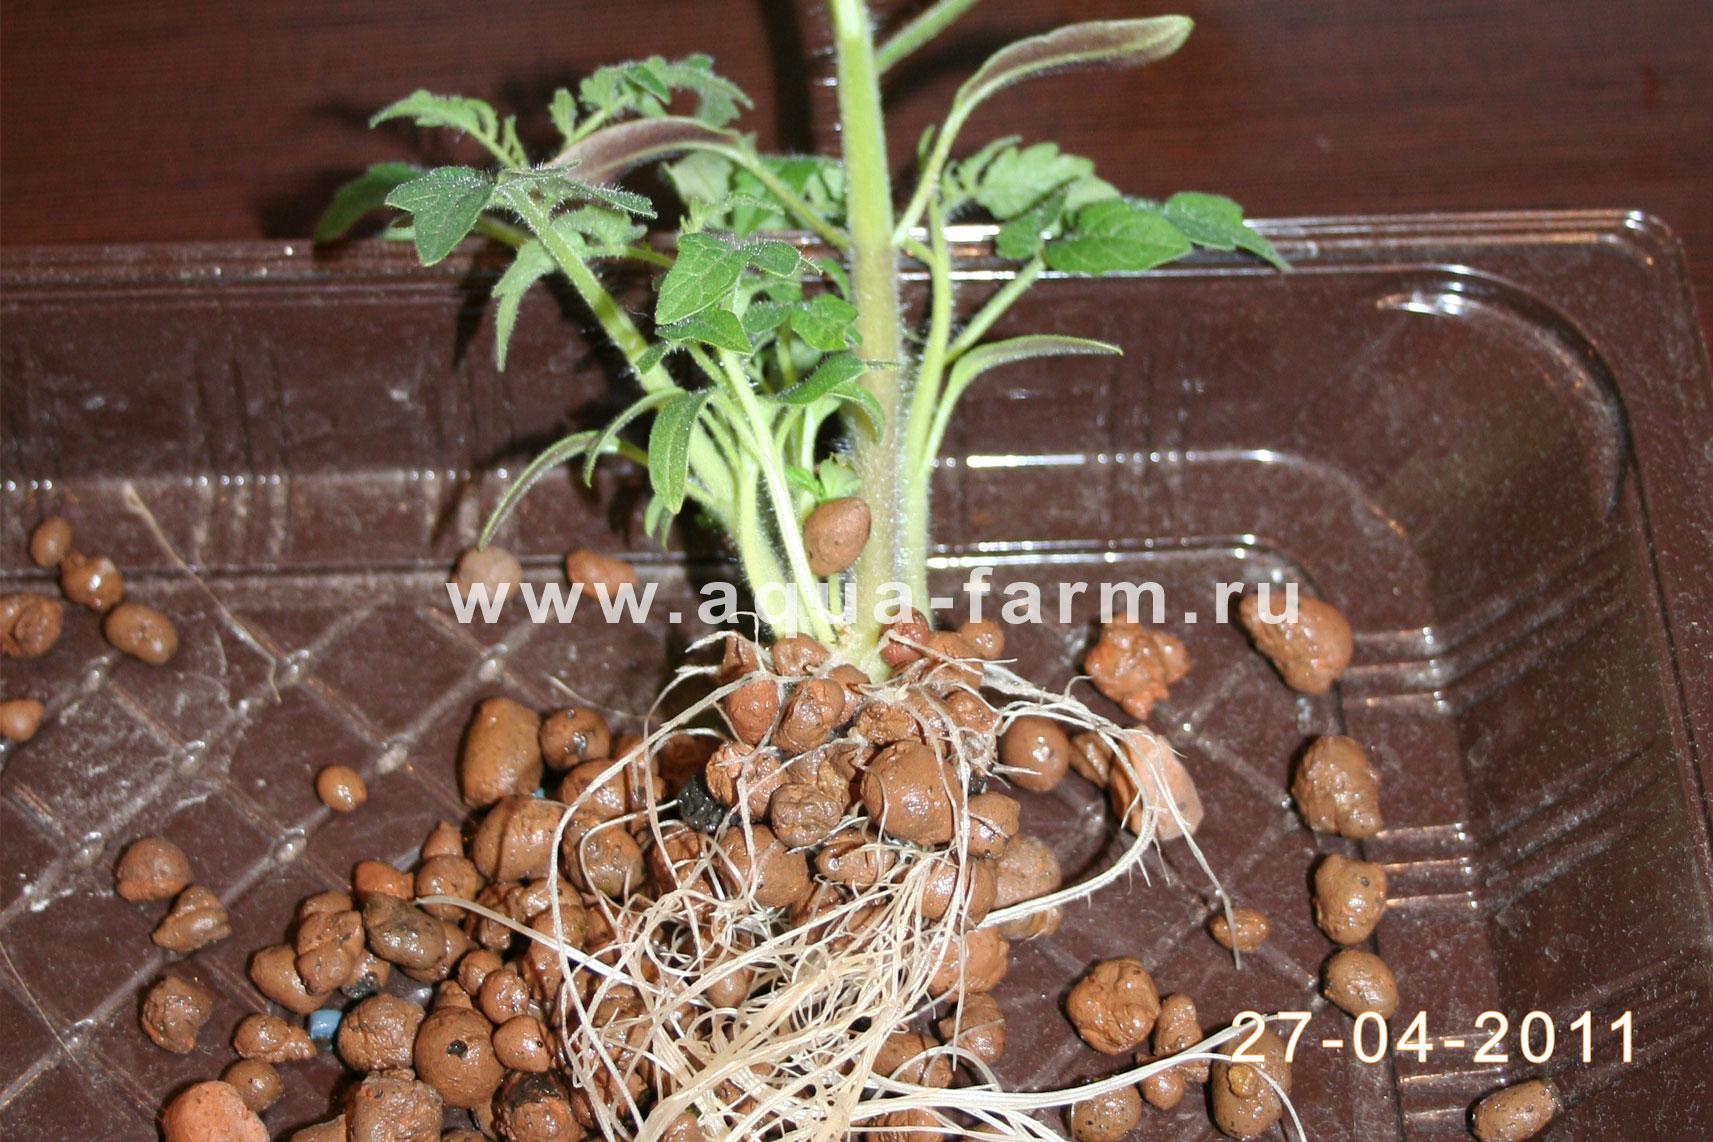 Пикировка рассады помидор в домашних условиях